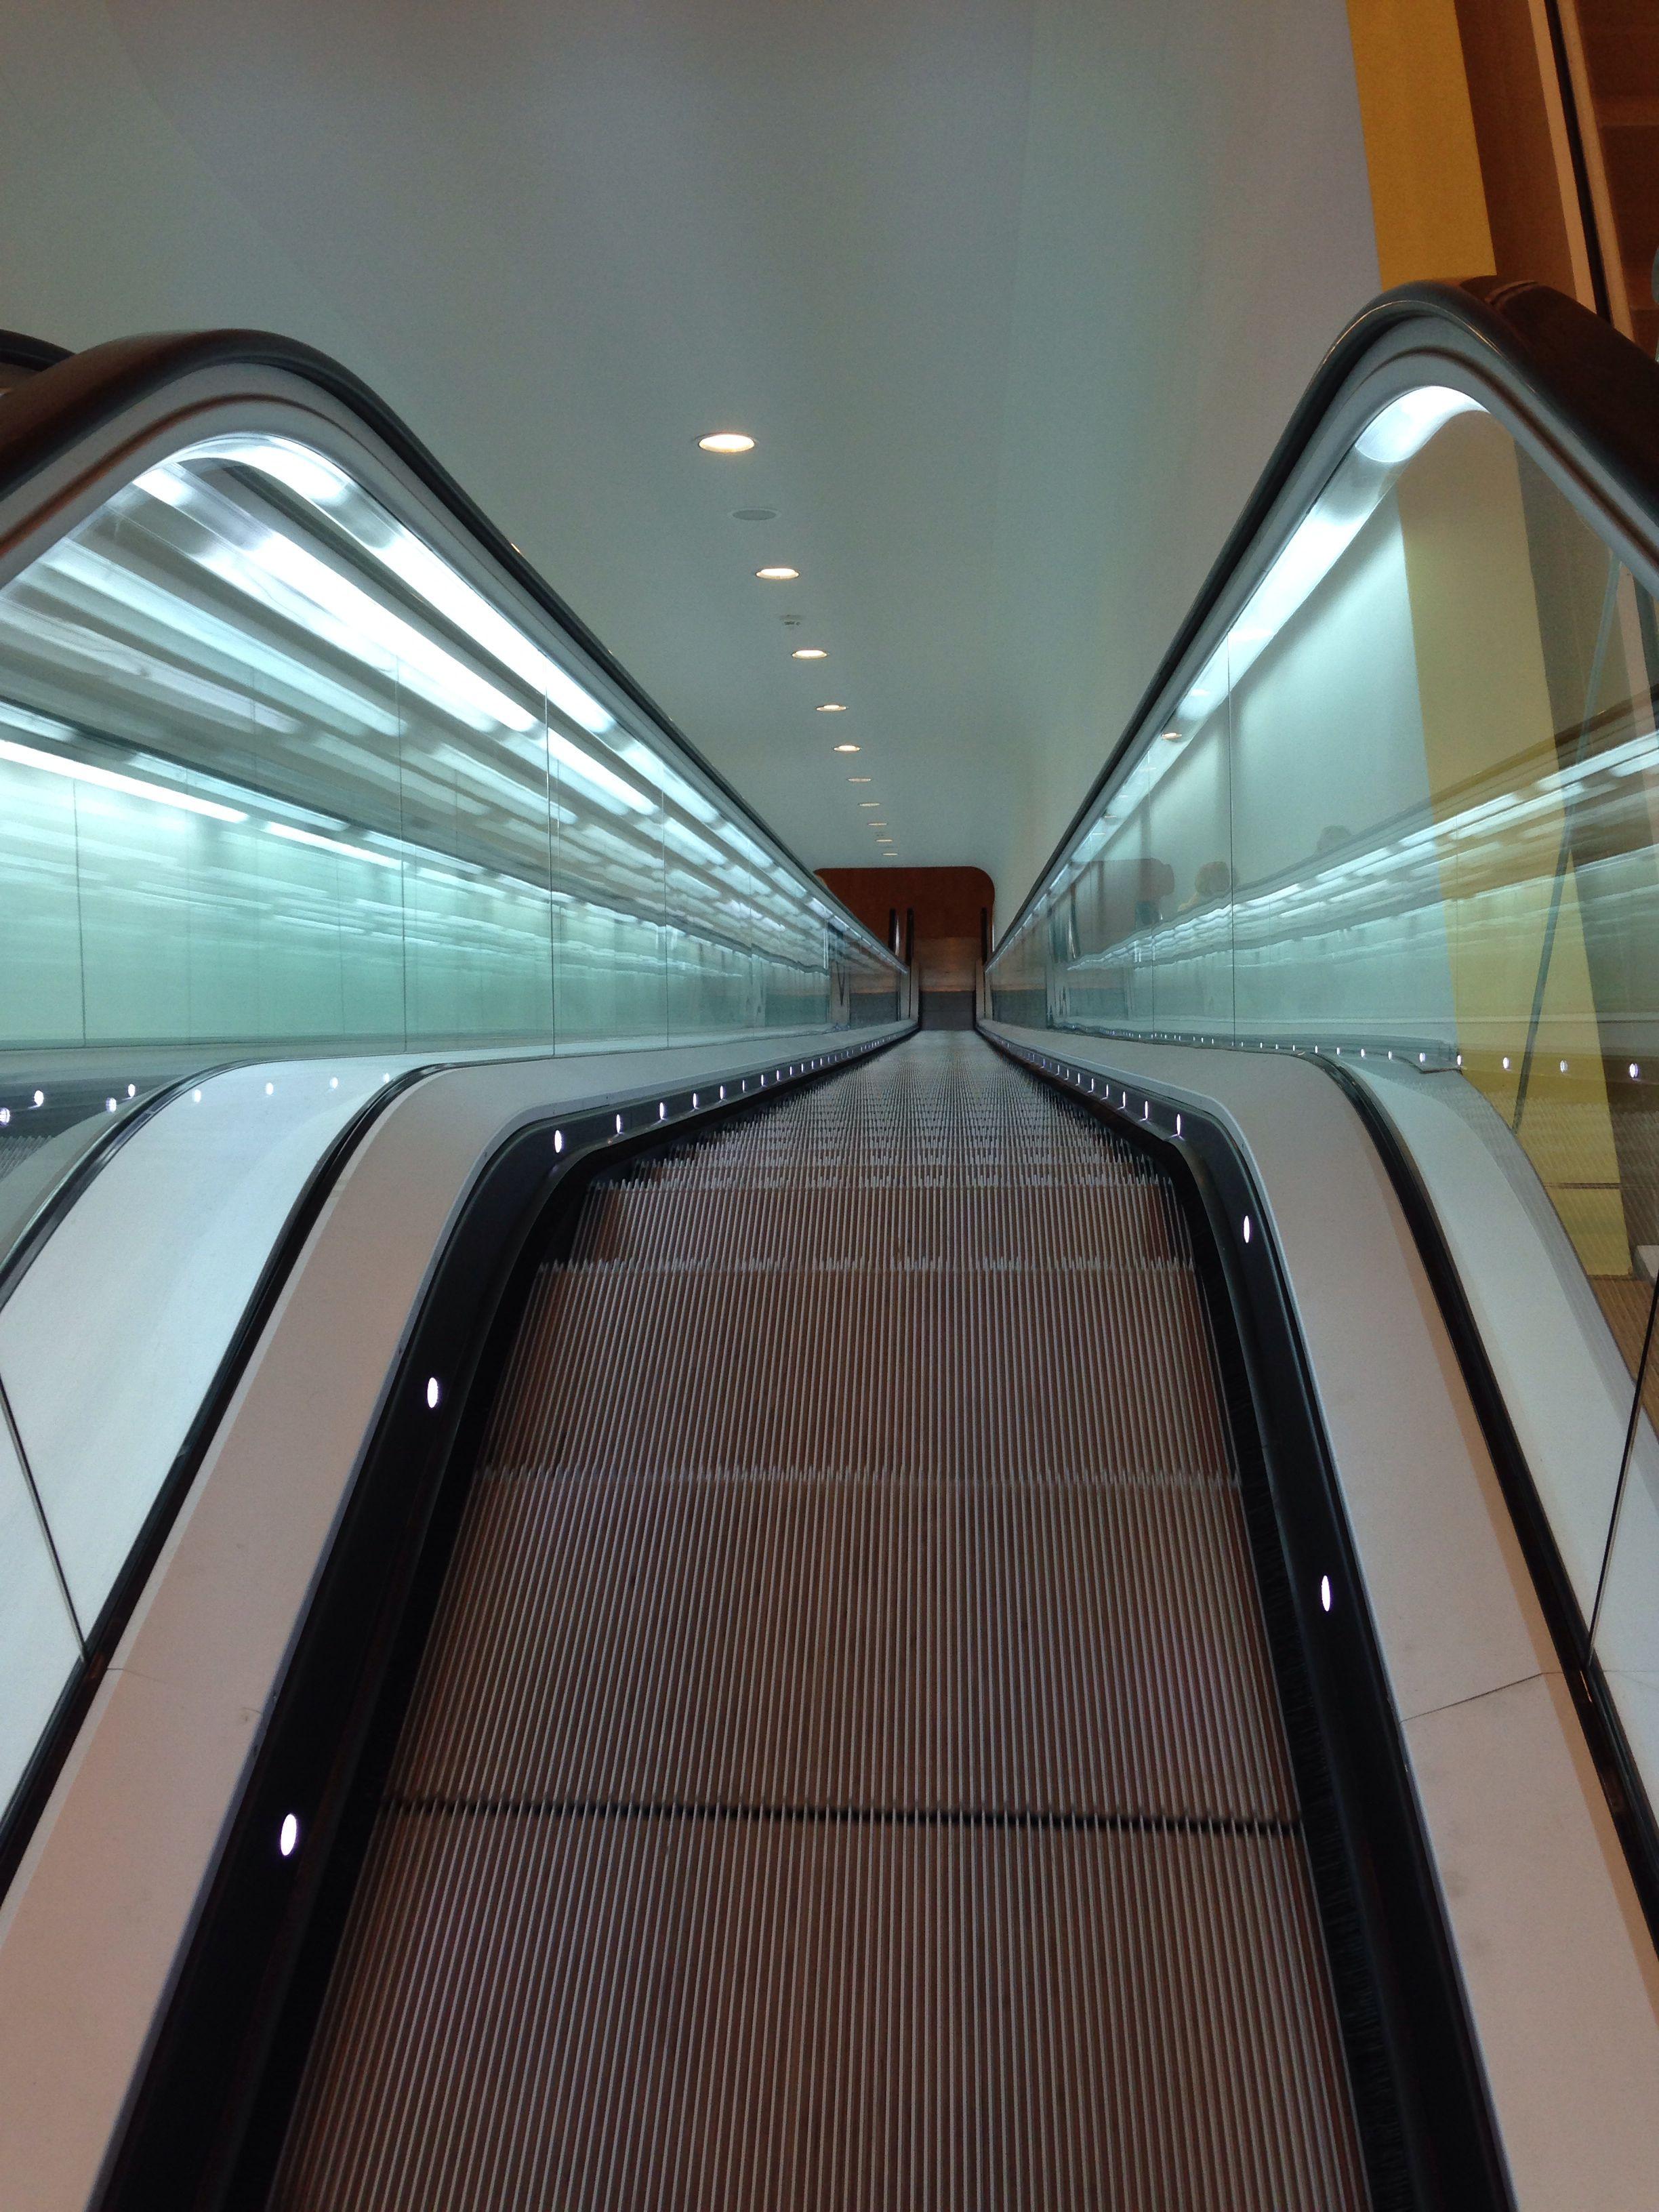 Escalator in Stedelijk museum Amsterdam